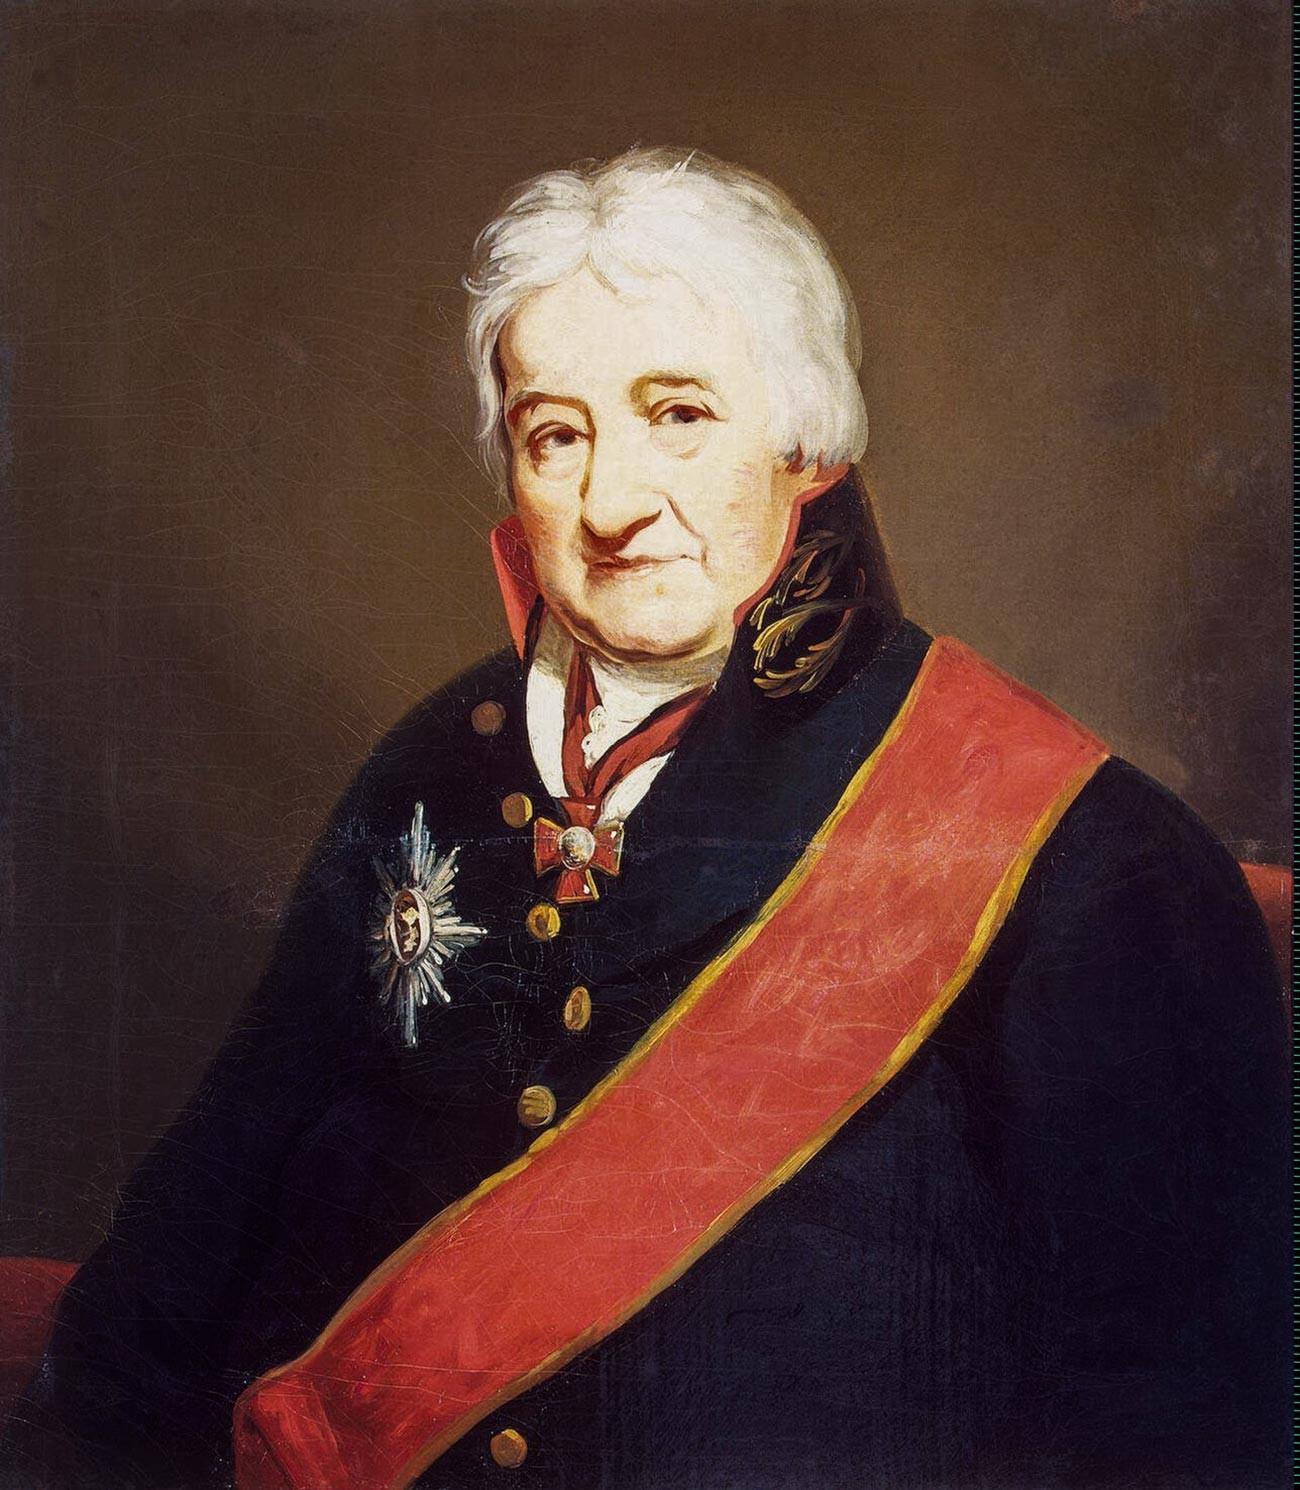 Чарлз Гаскойн от Джеймс Саксън, около 1804 г.